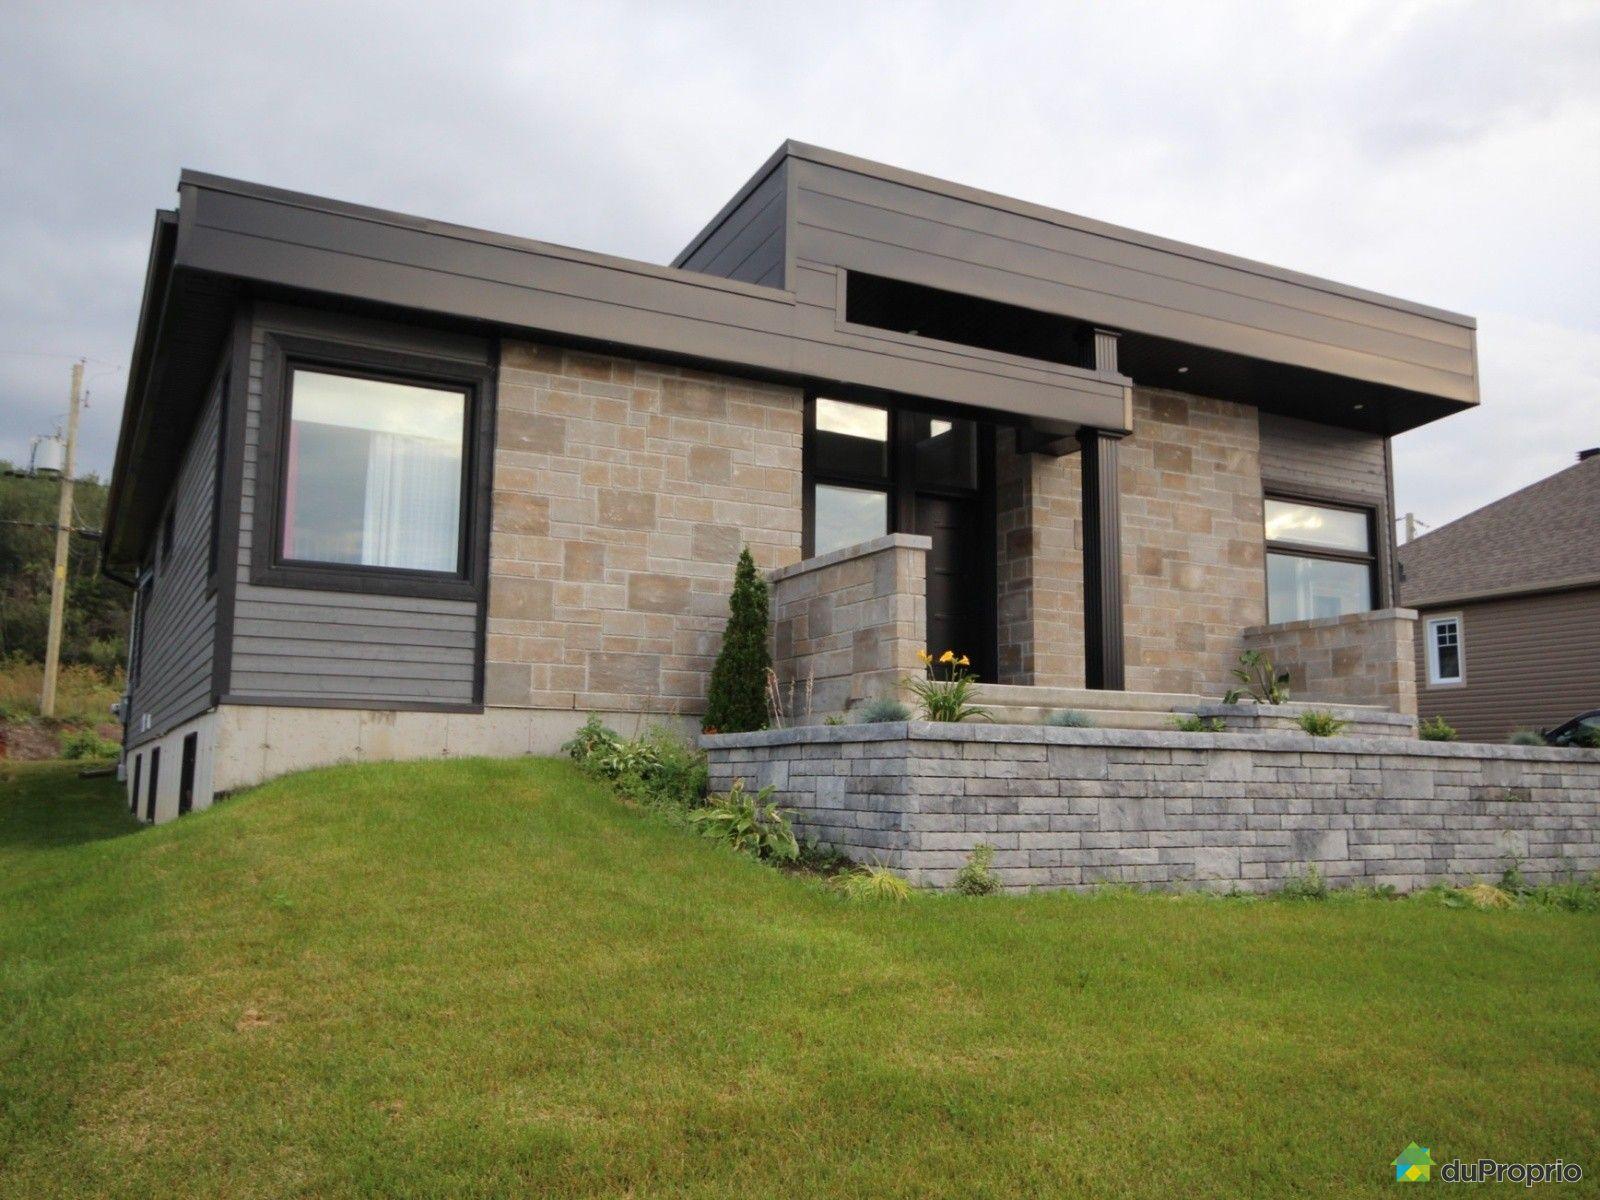 Maison vendre rimouski 523 avenue anne h bert for Auberge de la vieille maison rimouski qc